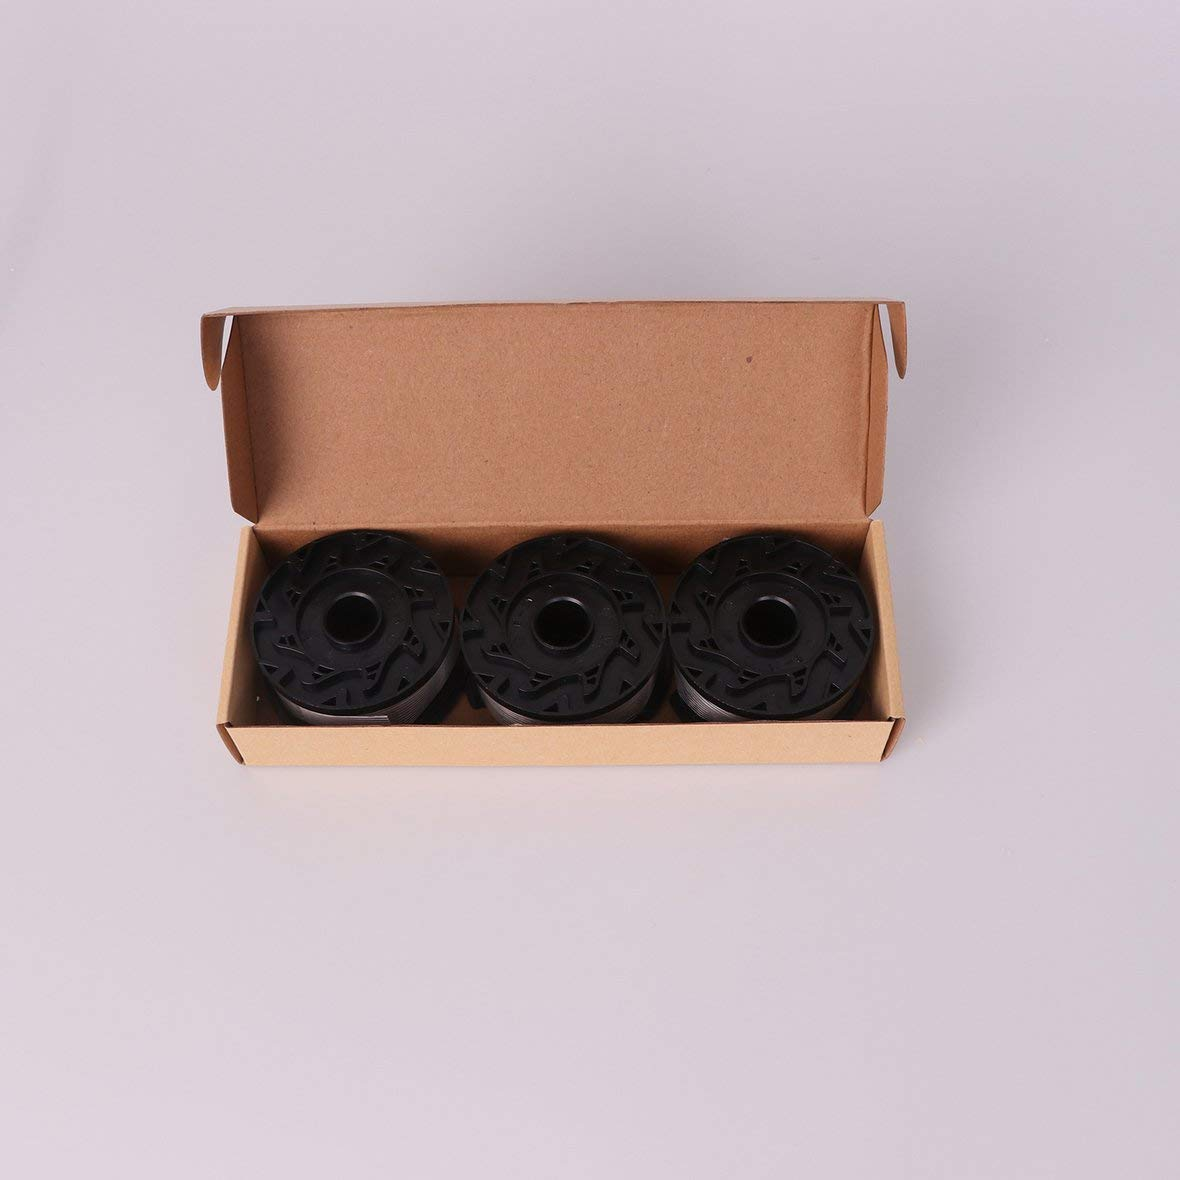 Decker Ligne portative durable de ligne de trimmer de bobine dutilisation de rechange appropri/ée /à la ligne dherbe en nylon de bobine de Black noir et blanc